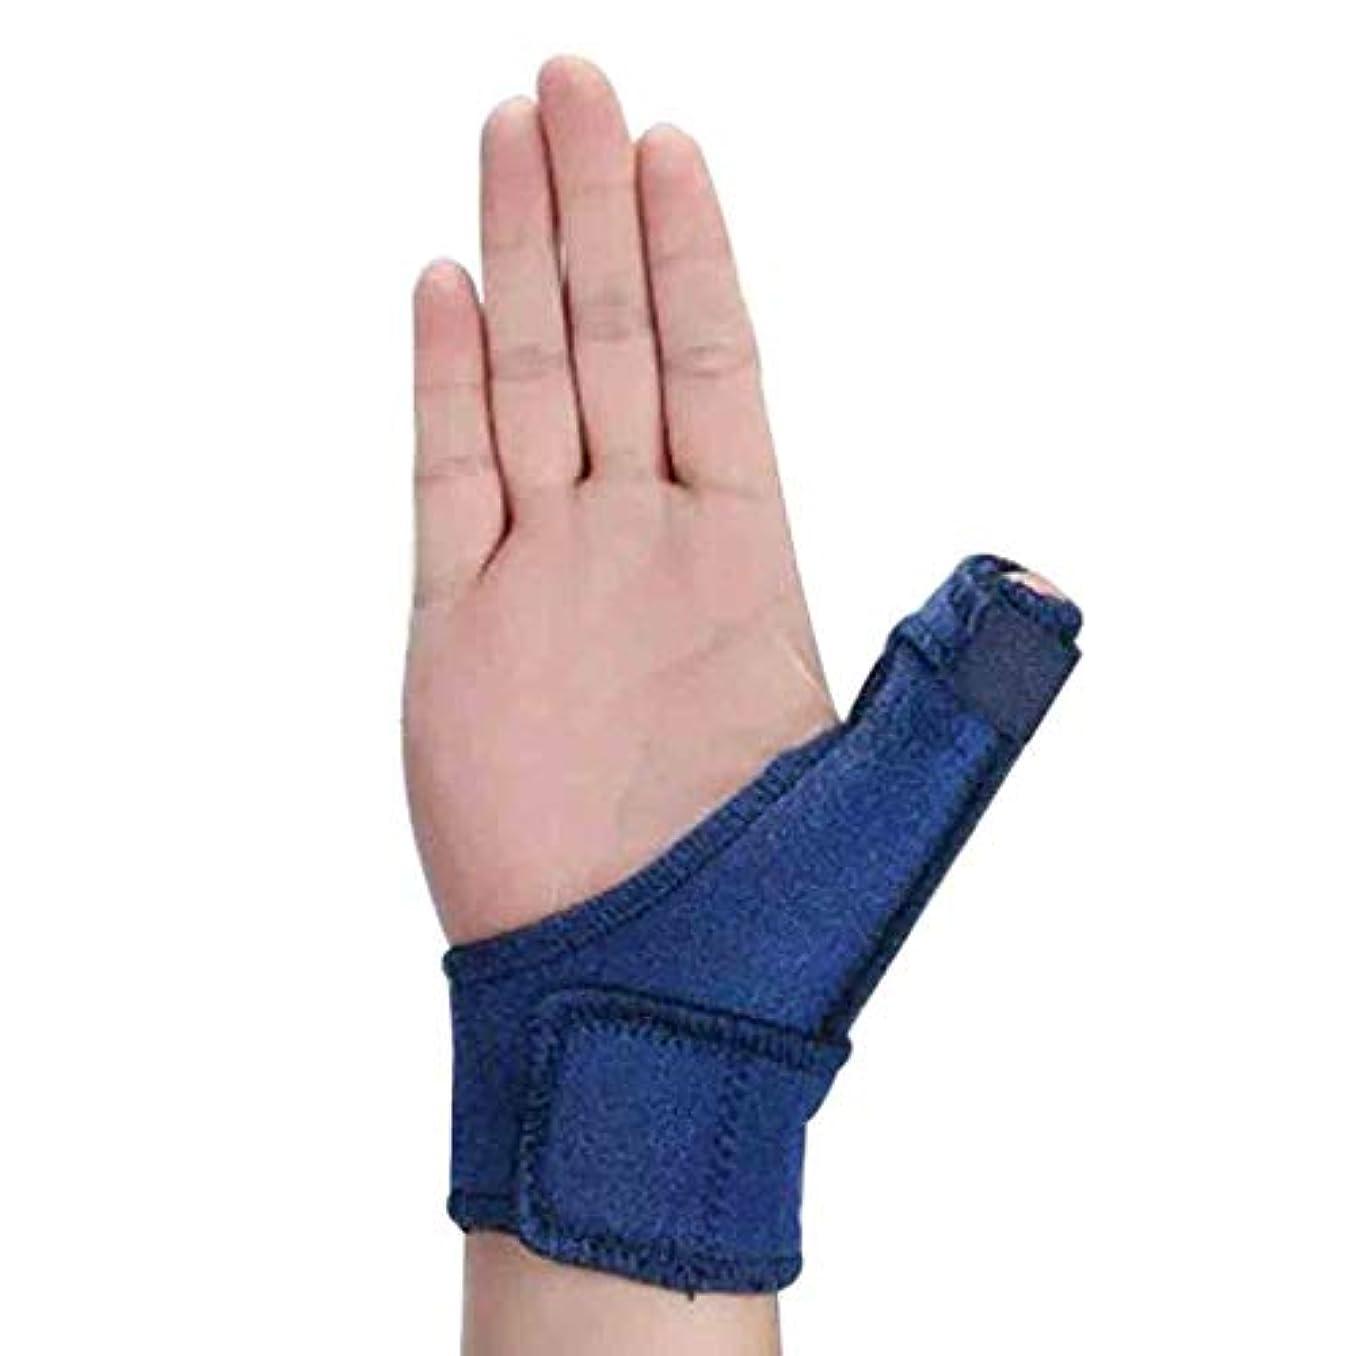 素子お勧め中傷トリガーのための調節可能な親指スプリント親指リストストラップブレース親指スプリント親指関節炎痛み緩和ブレース(1個、ユニセックス、左&右の手青) Roscloud@